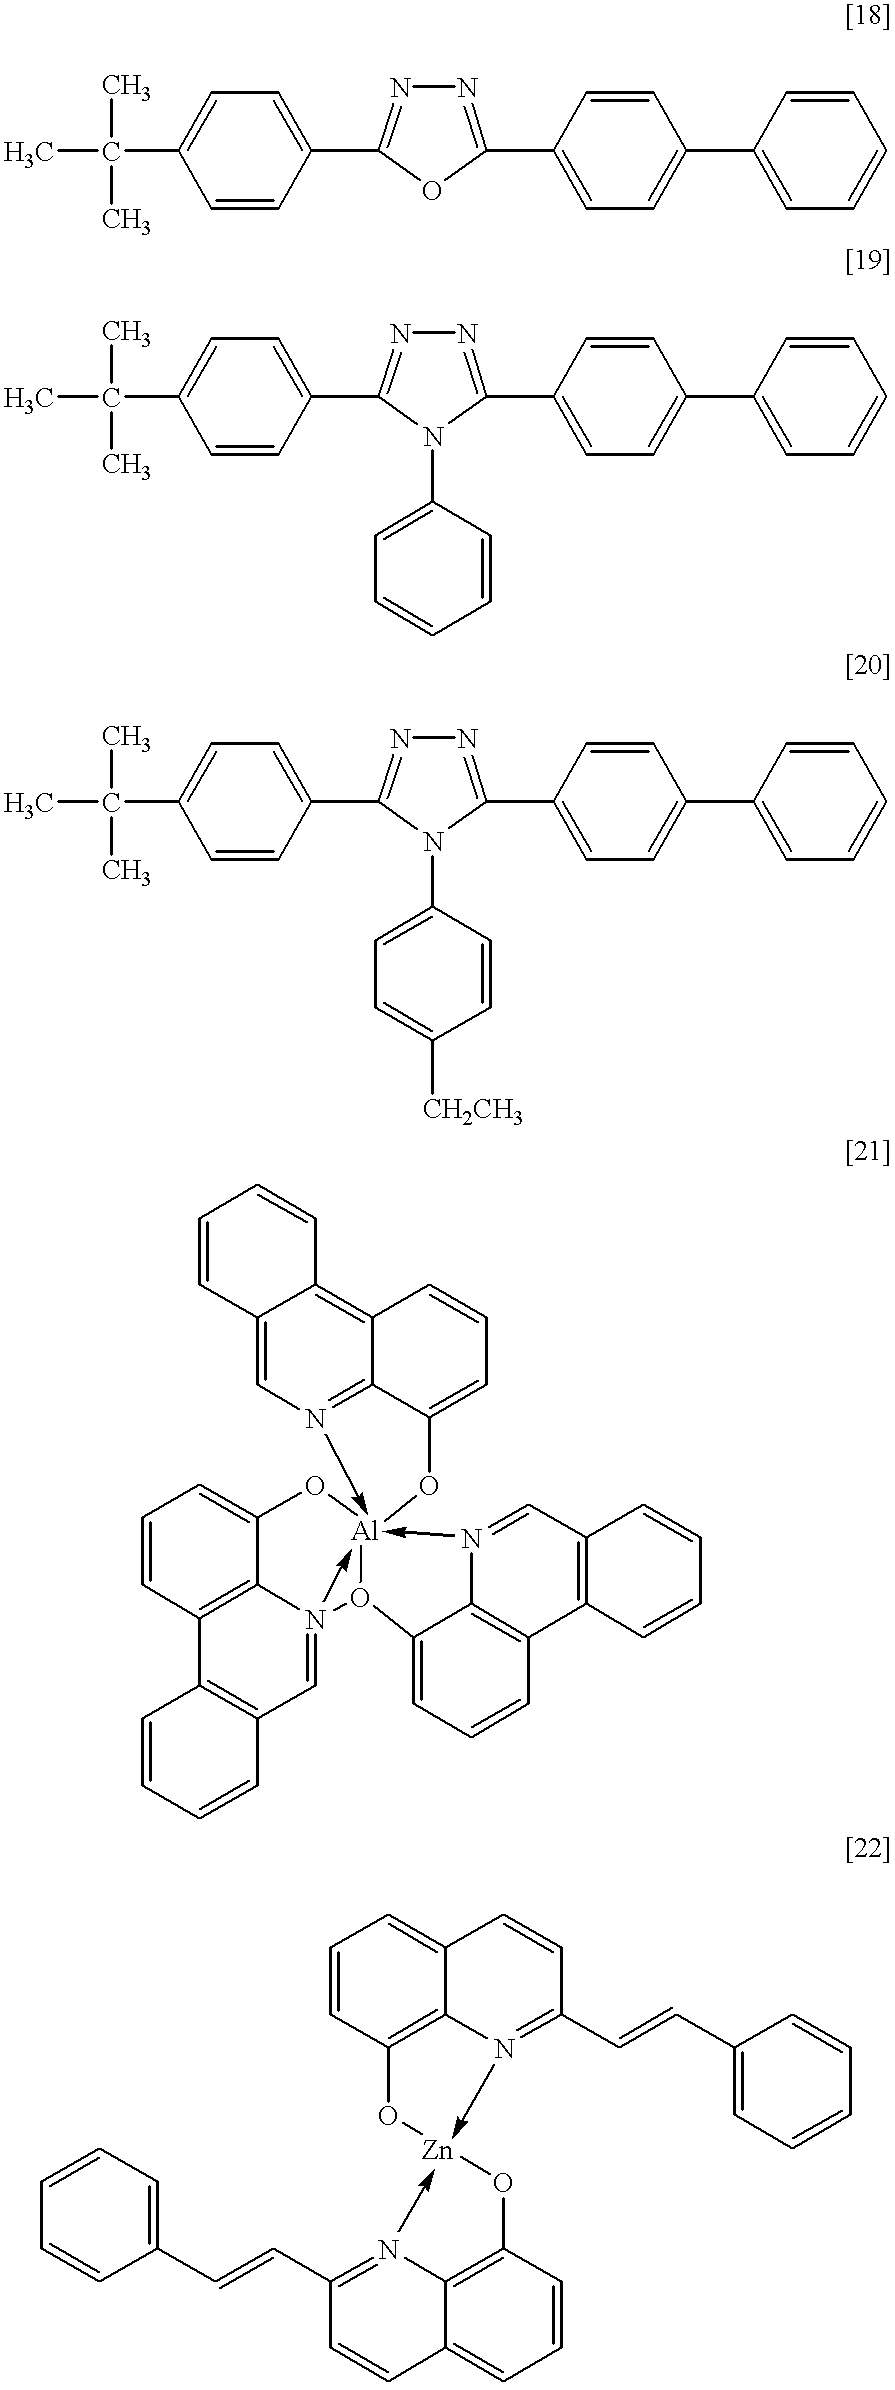 Figure US06396208-20020528-C00006